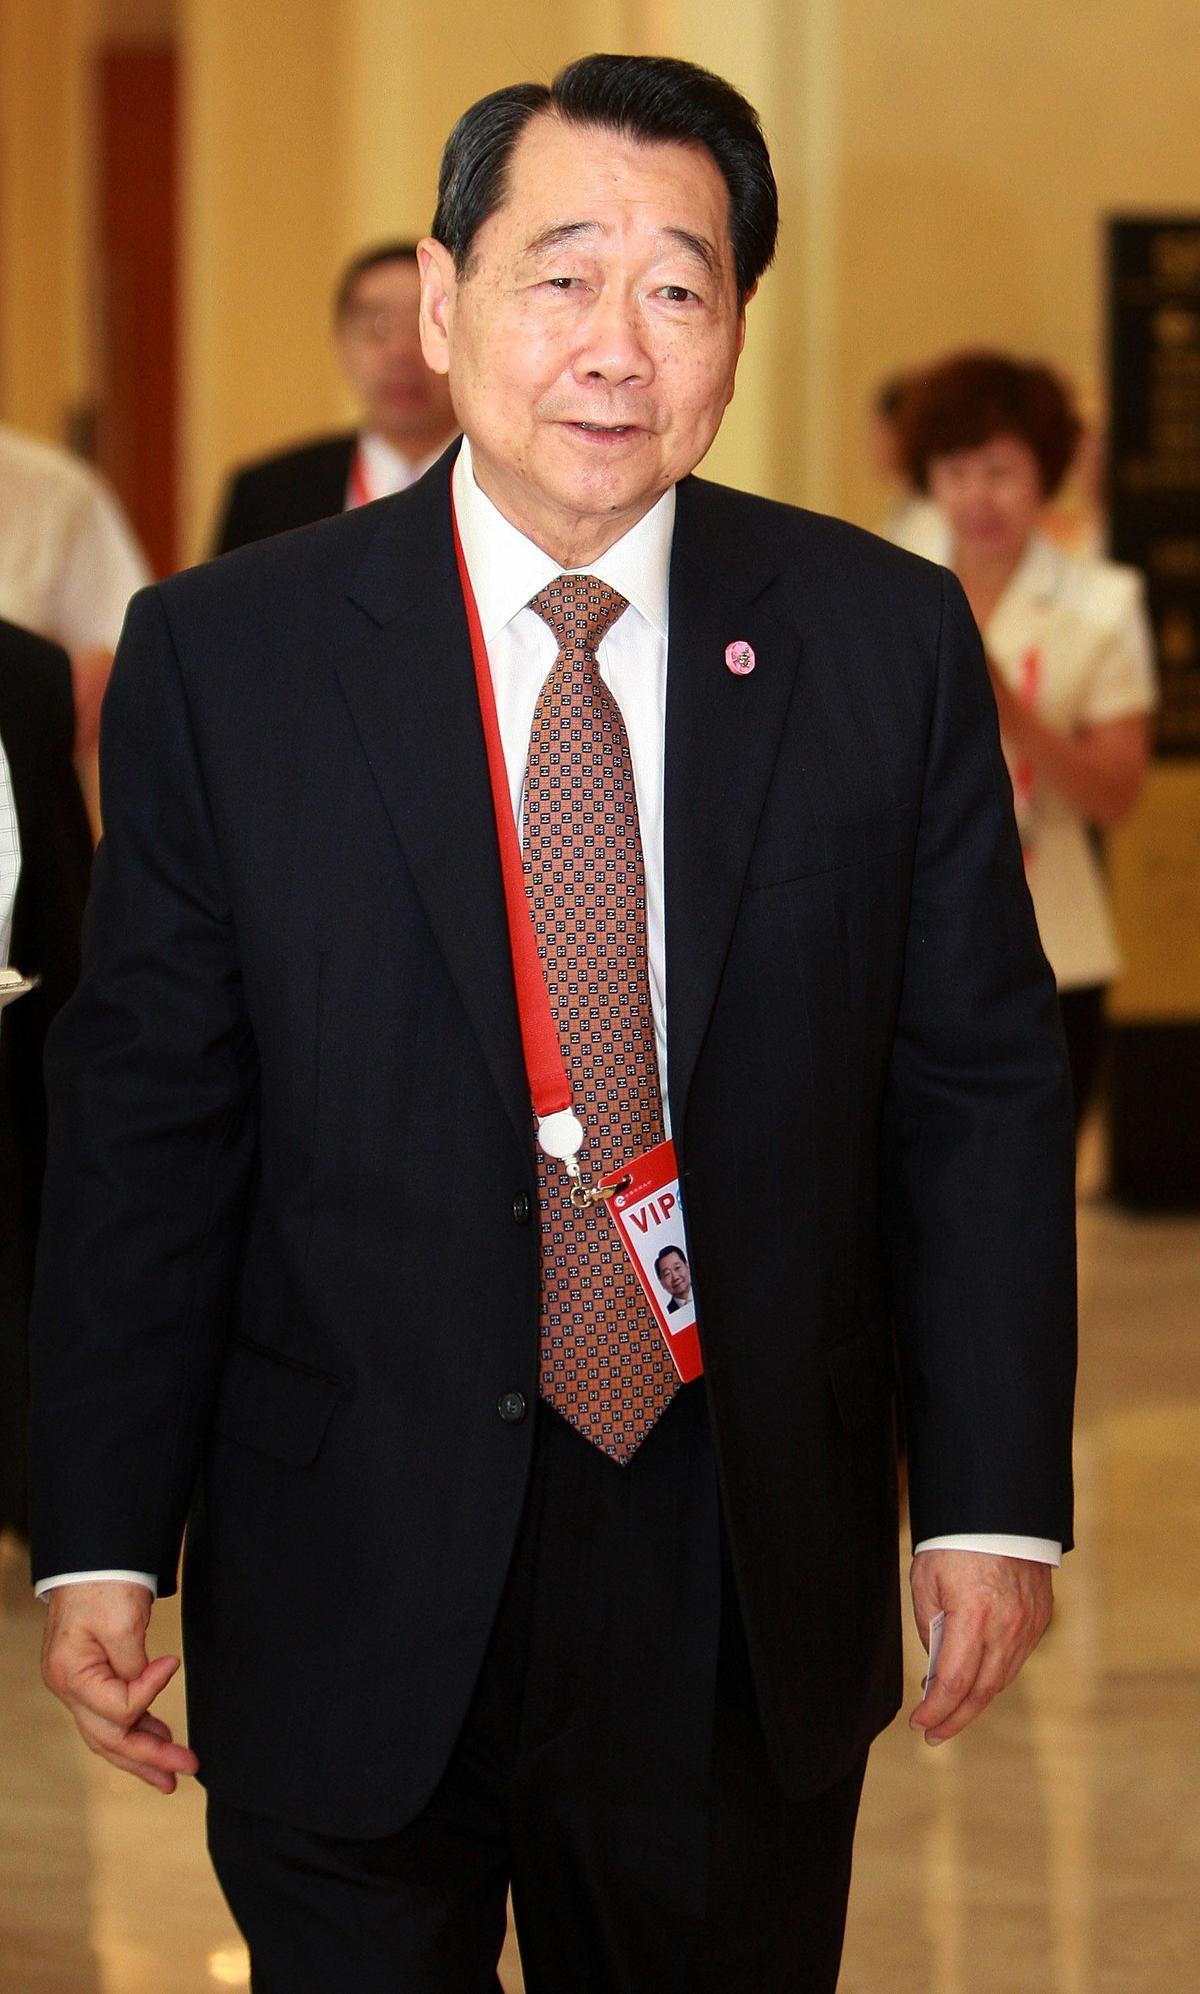 以傳產起家的泰國正大集團董事長謝國民,也可望成為大巨蛋新經營團隊成員。(東方IC)